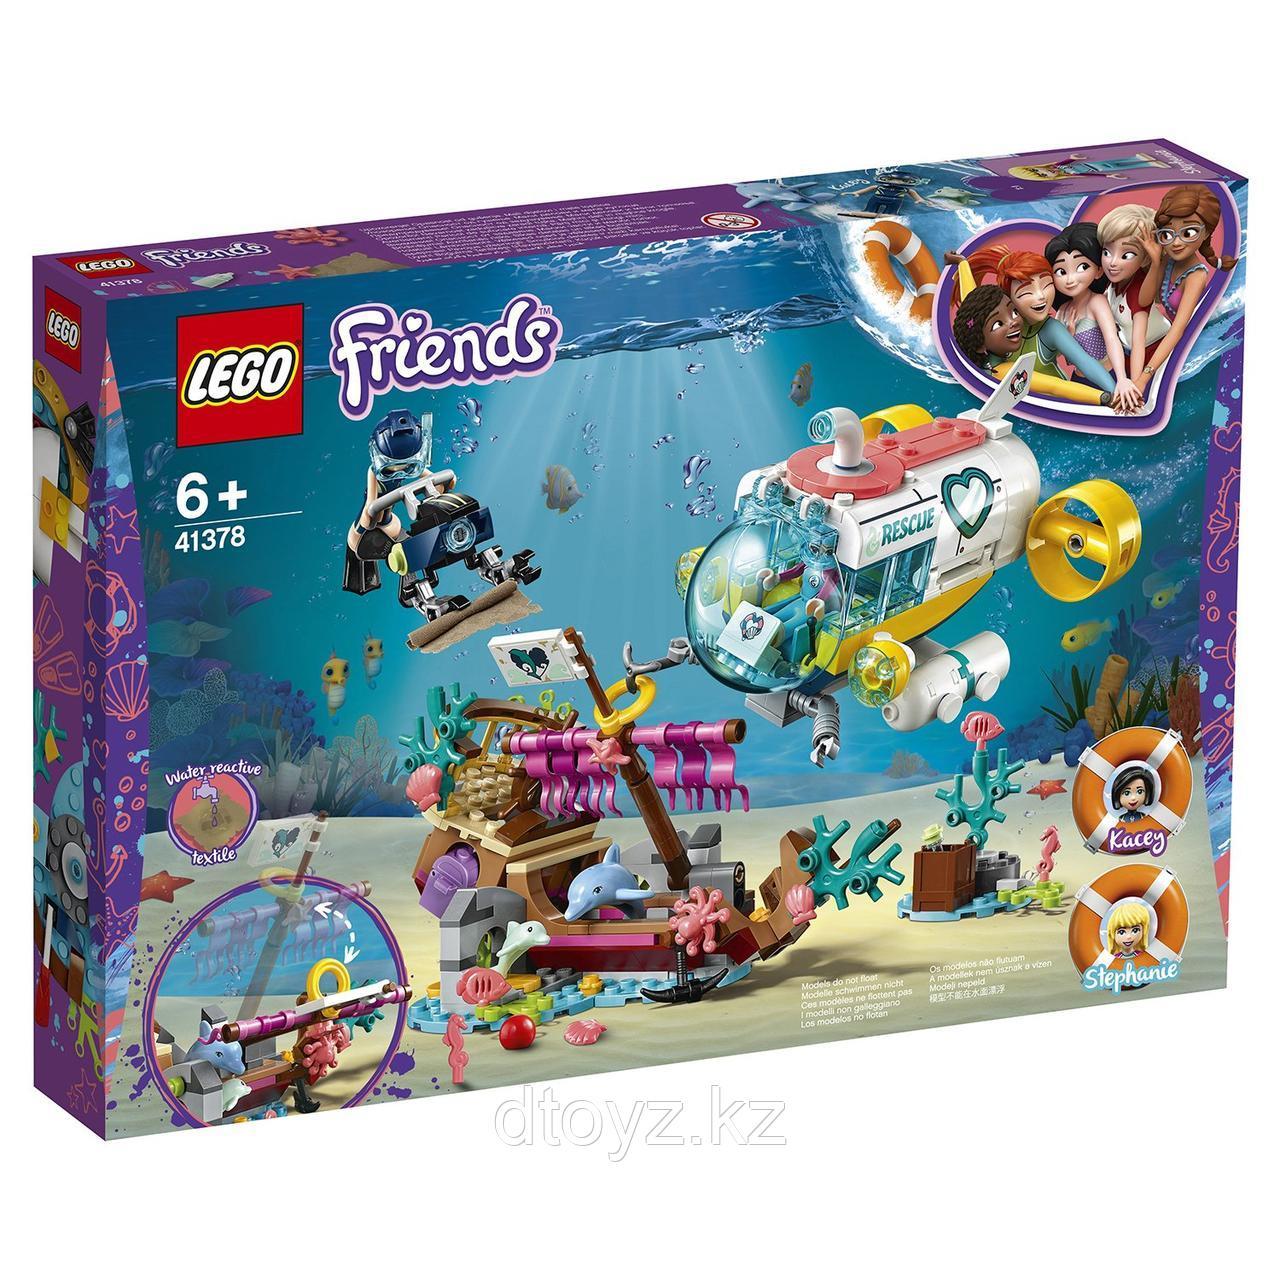 LEGO Friends 41378 Спасение дельфинов, Лего Подружки